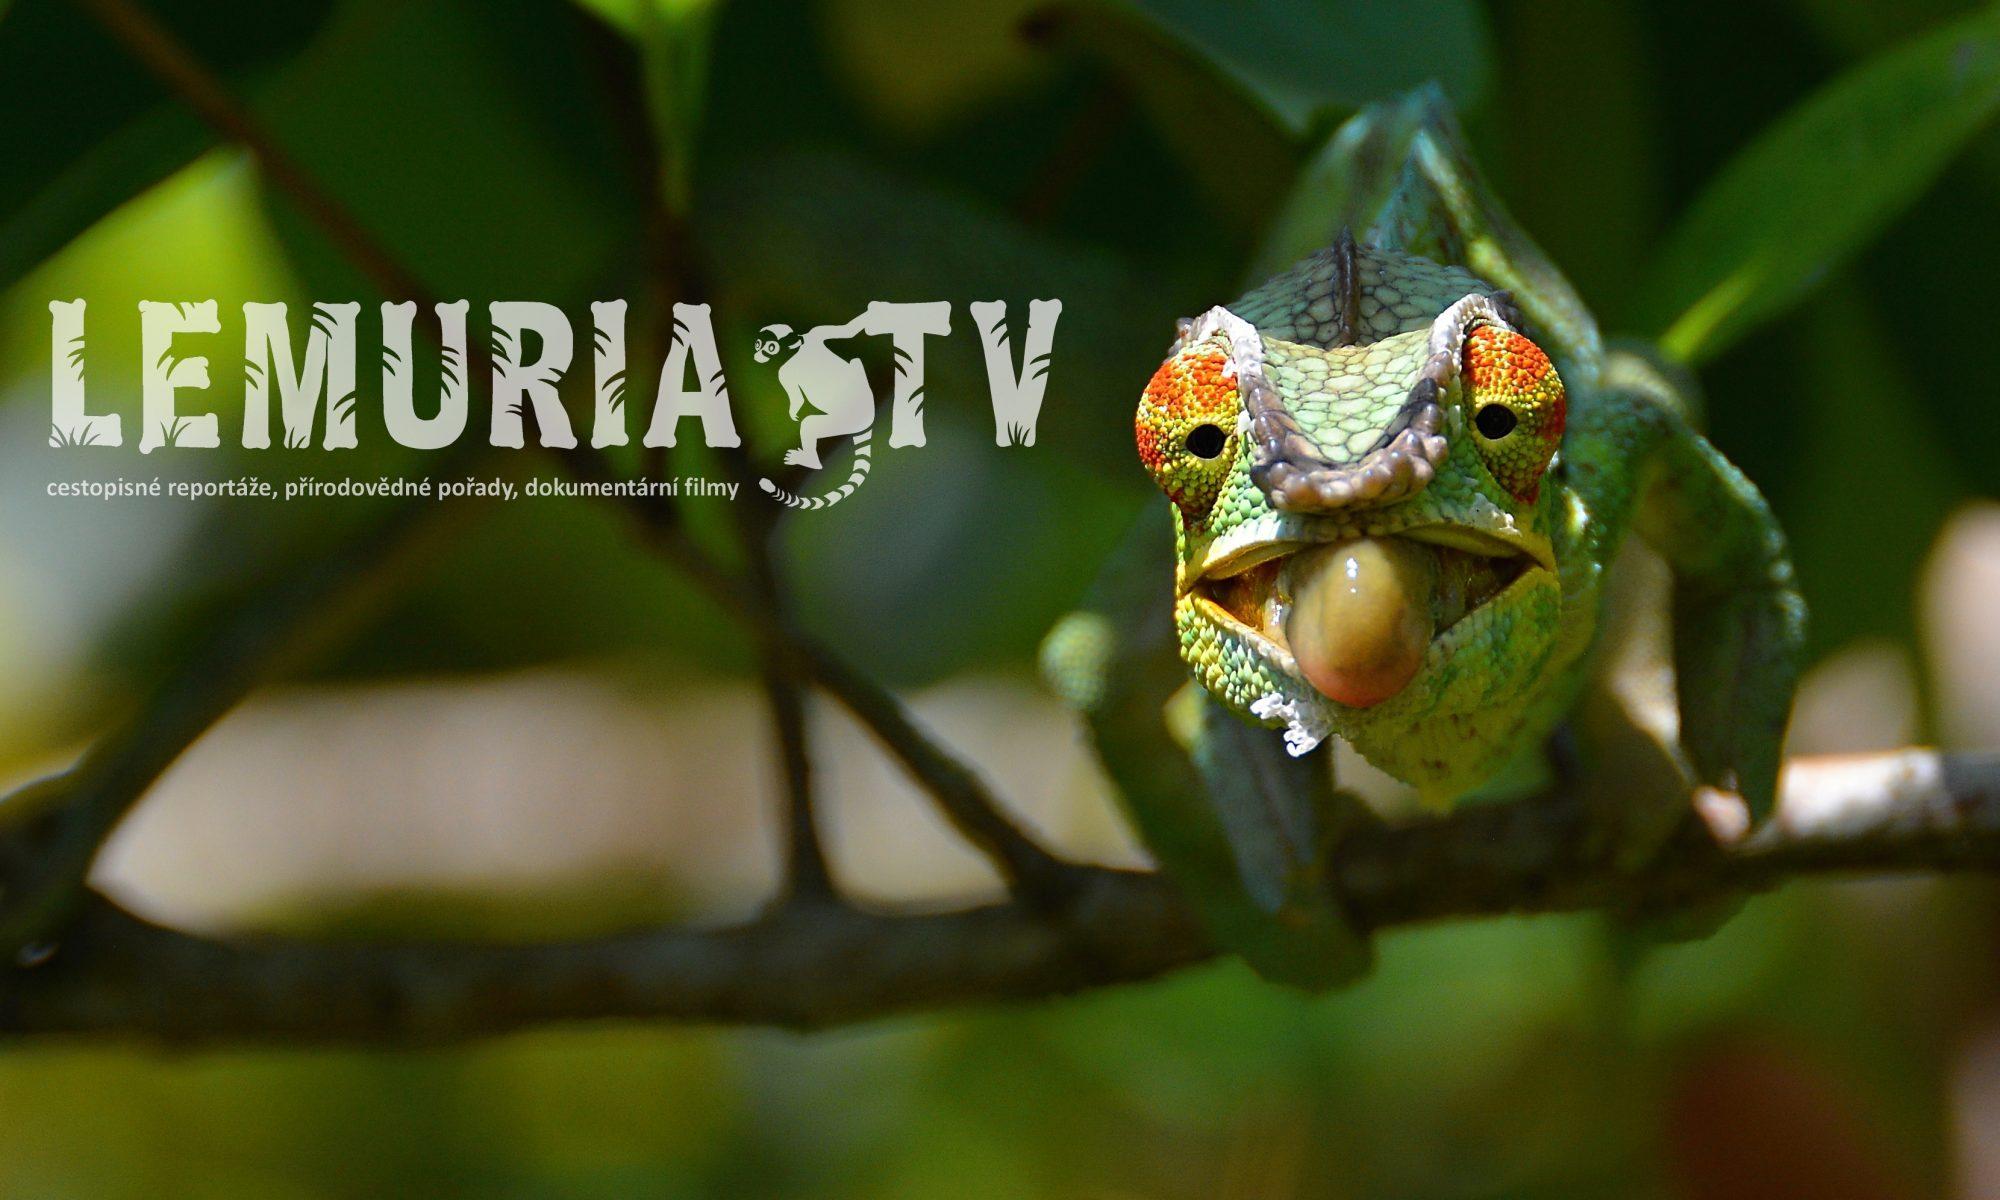 LEMURIA TV